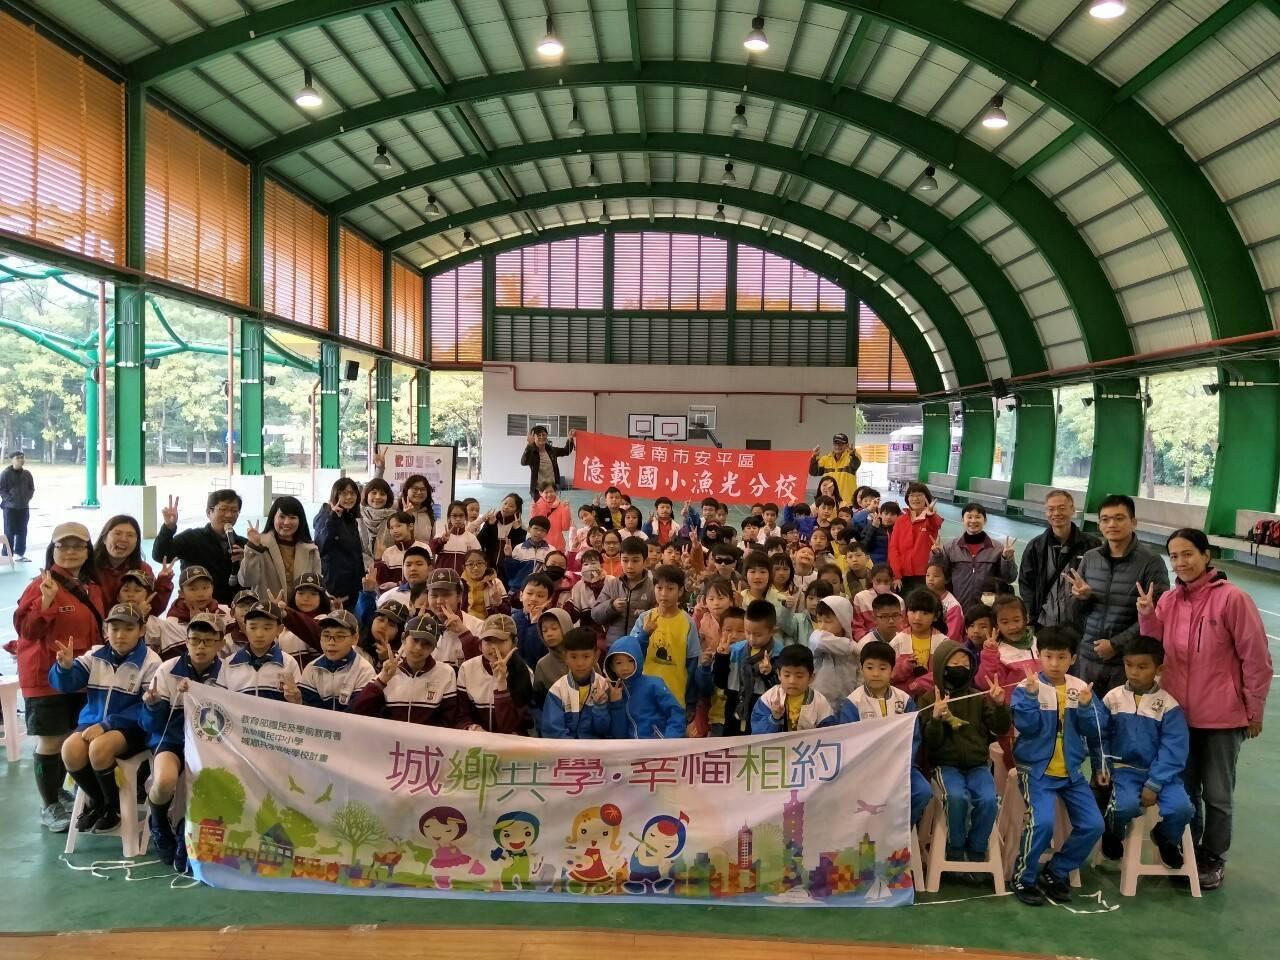 新北市後埔國小參訪台南市億載國小漁光分校,進行城鄉共學。圖/漁光分校提供